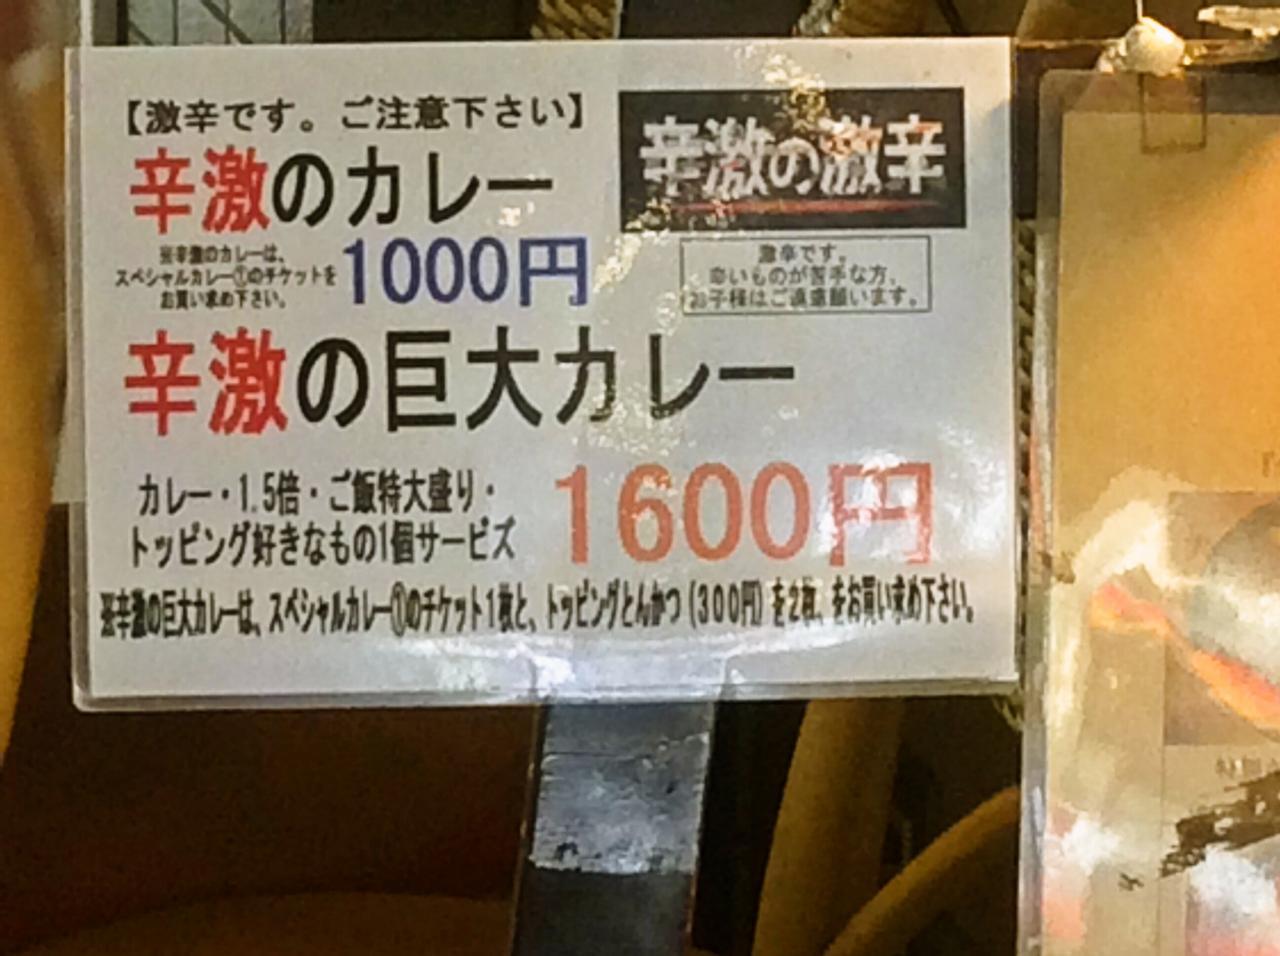 金子カレー かれー王国(店舗)